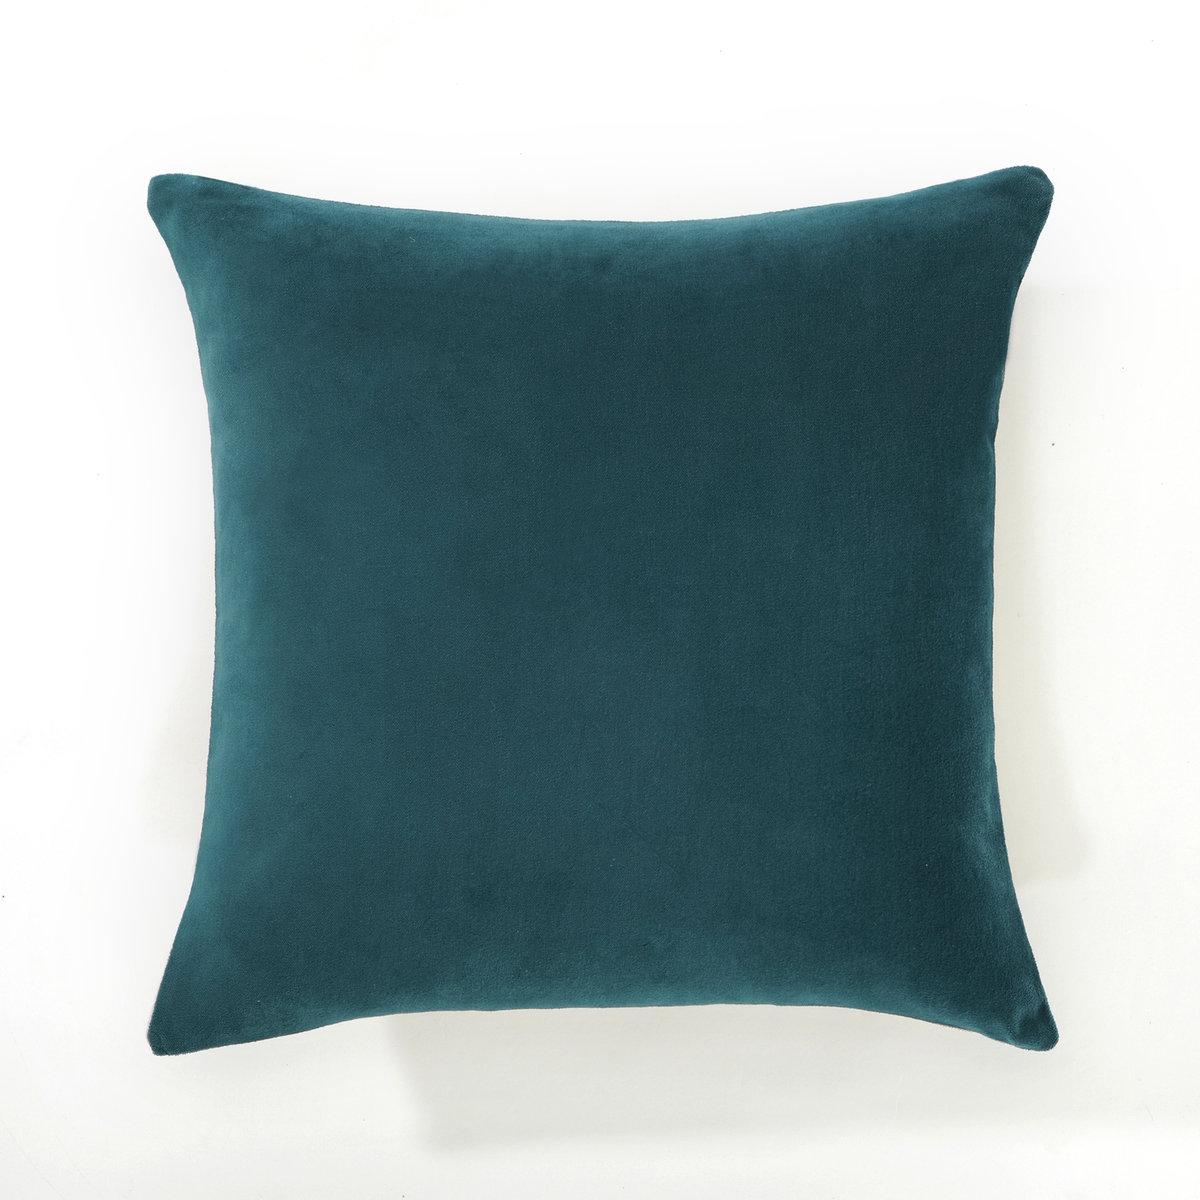 Чехол для подушки, плюш/лен,  KOSTIAКрасивое сочетание плюша и льна .Характеристики чехла для подушки : - 1 сторона из плюша 100% хлопка, 1 сторона из 100% льна.- Застёжка на молнию.- Стирка при 30°.<br><br>Цвет: сине-зеленый/серо-бежевый<br>Размер: 40 x 40  см